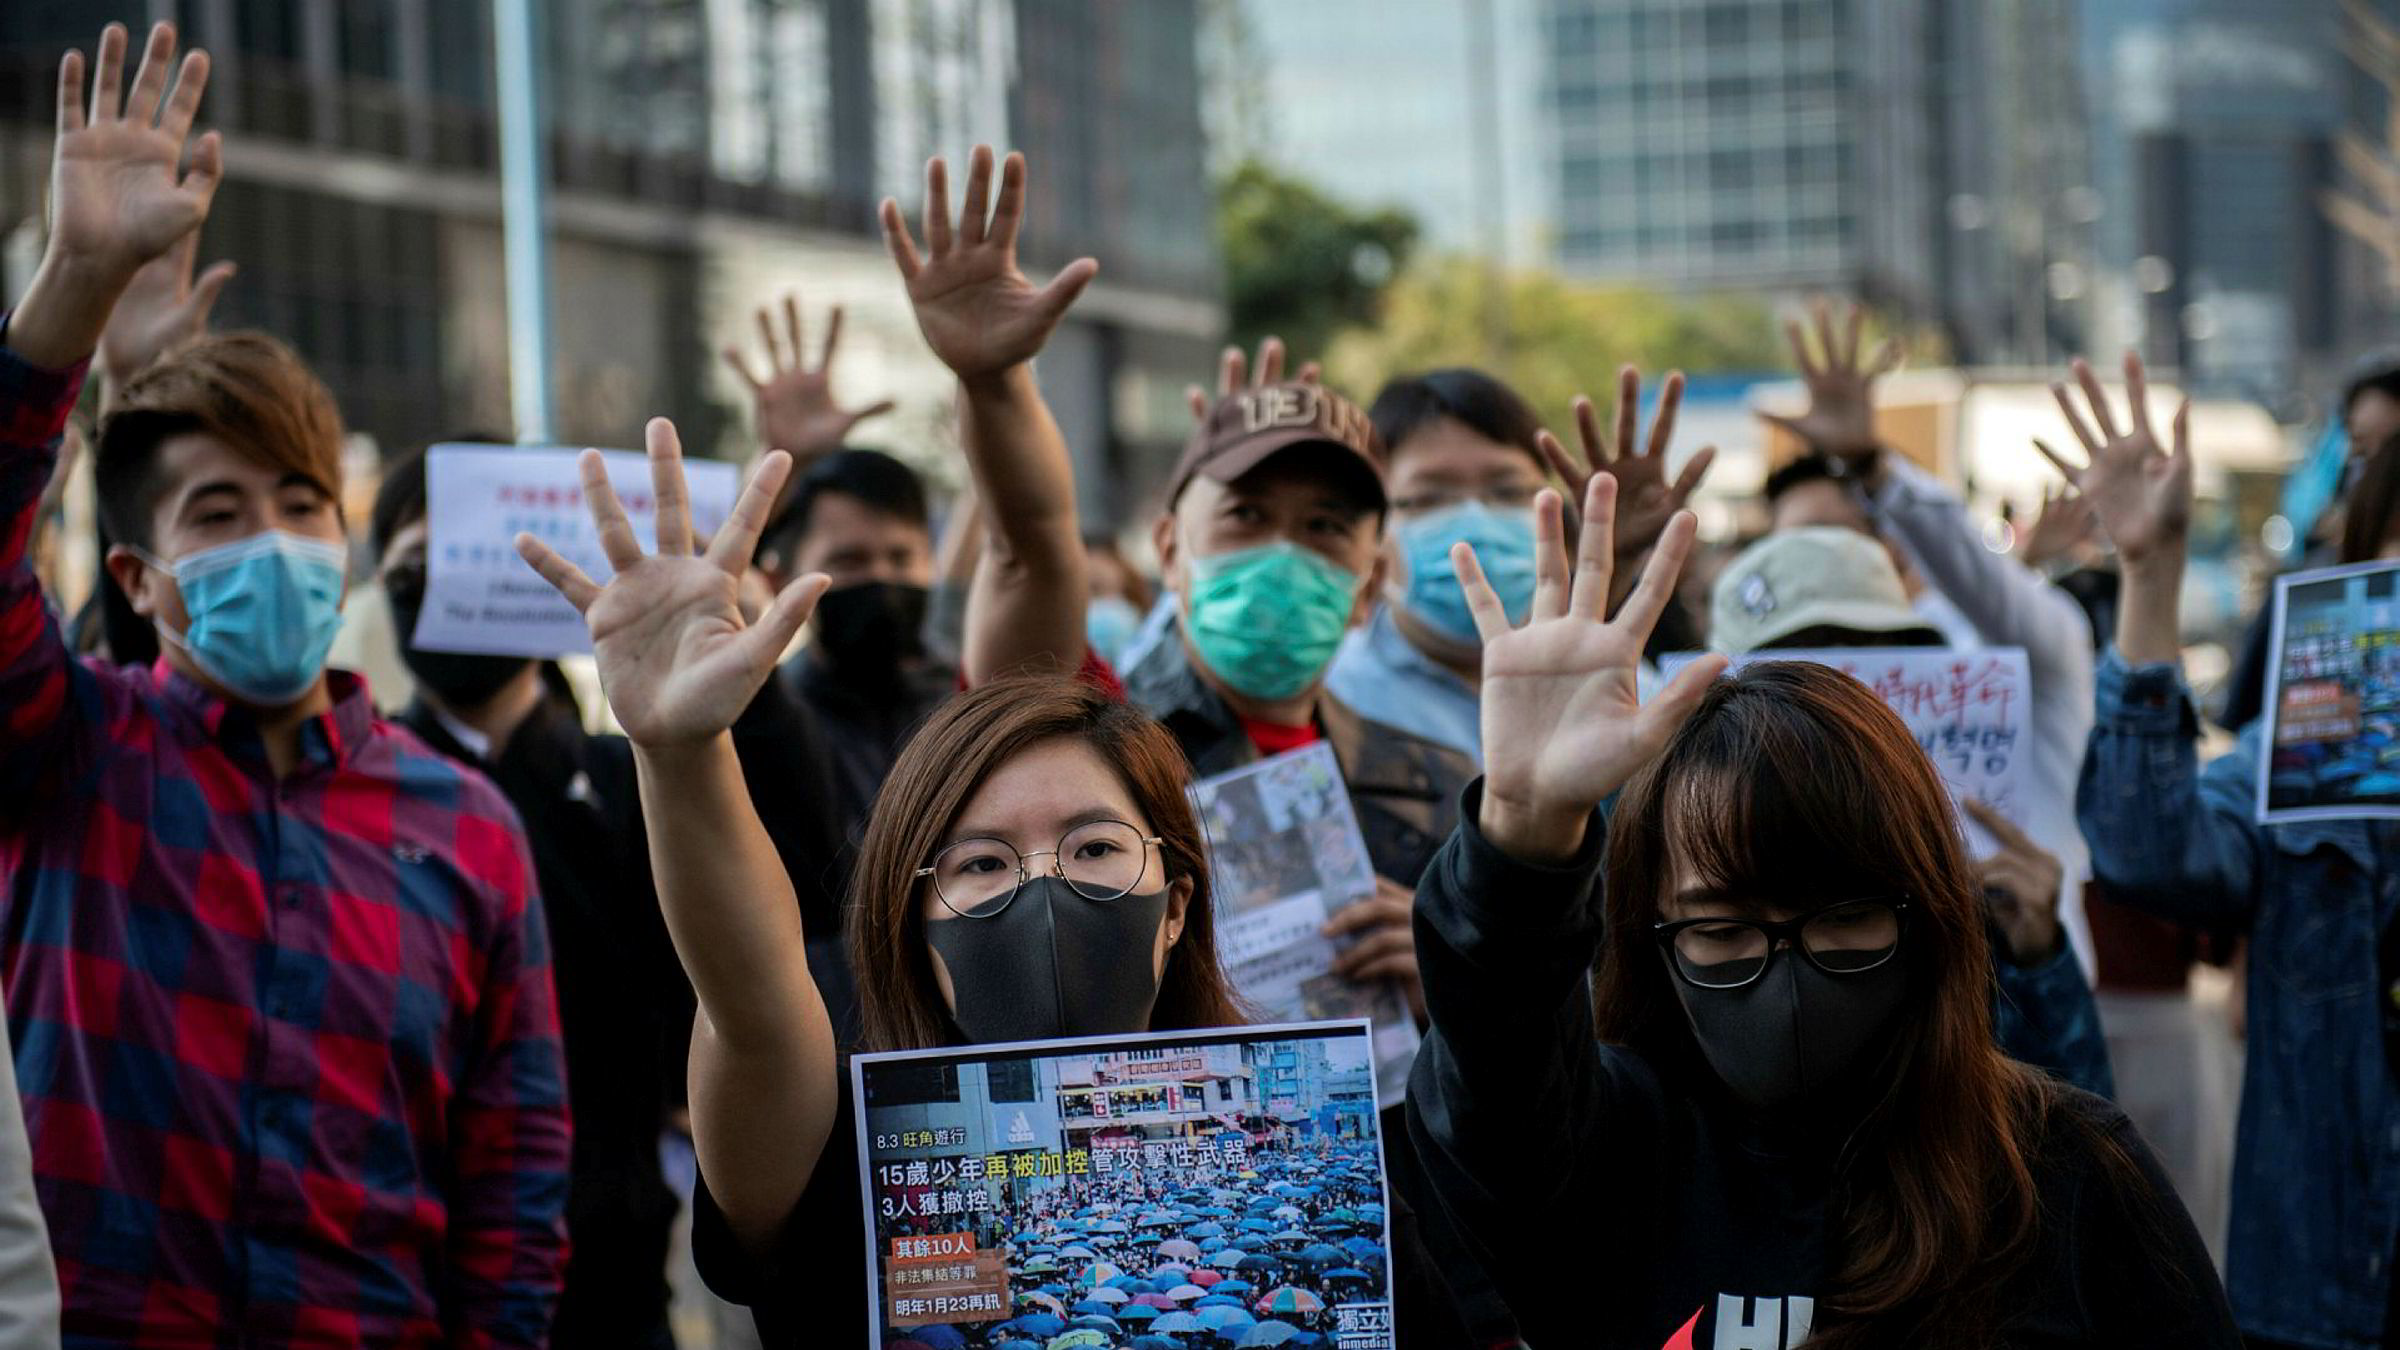 Demonstrasjonene fortsetter i Hongkong daglig – her fra et lunshrally i Kwun Tong på onsdag. En ny amerikansk lov, undertegnet av president Donald Trump, blir sett på som en støtte til Hongkong, menneskerettigheter og demokrati.